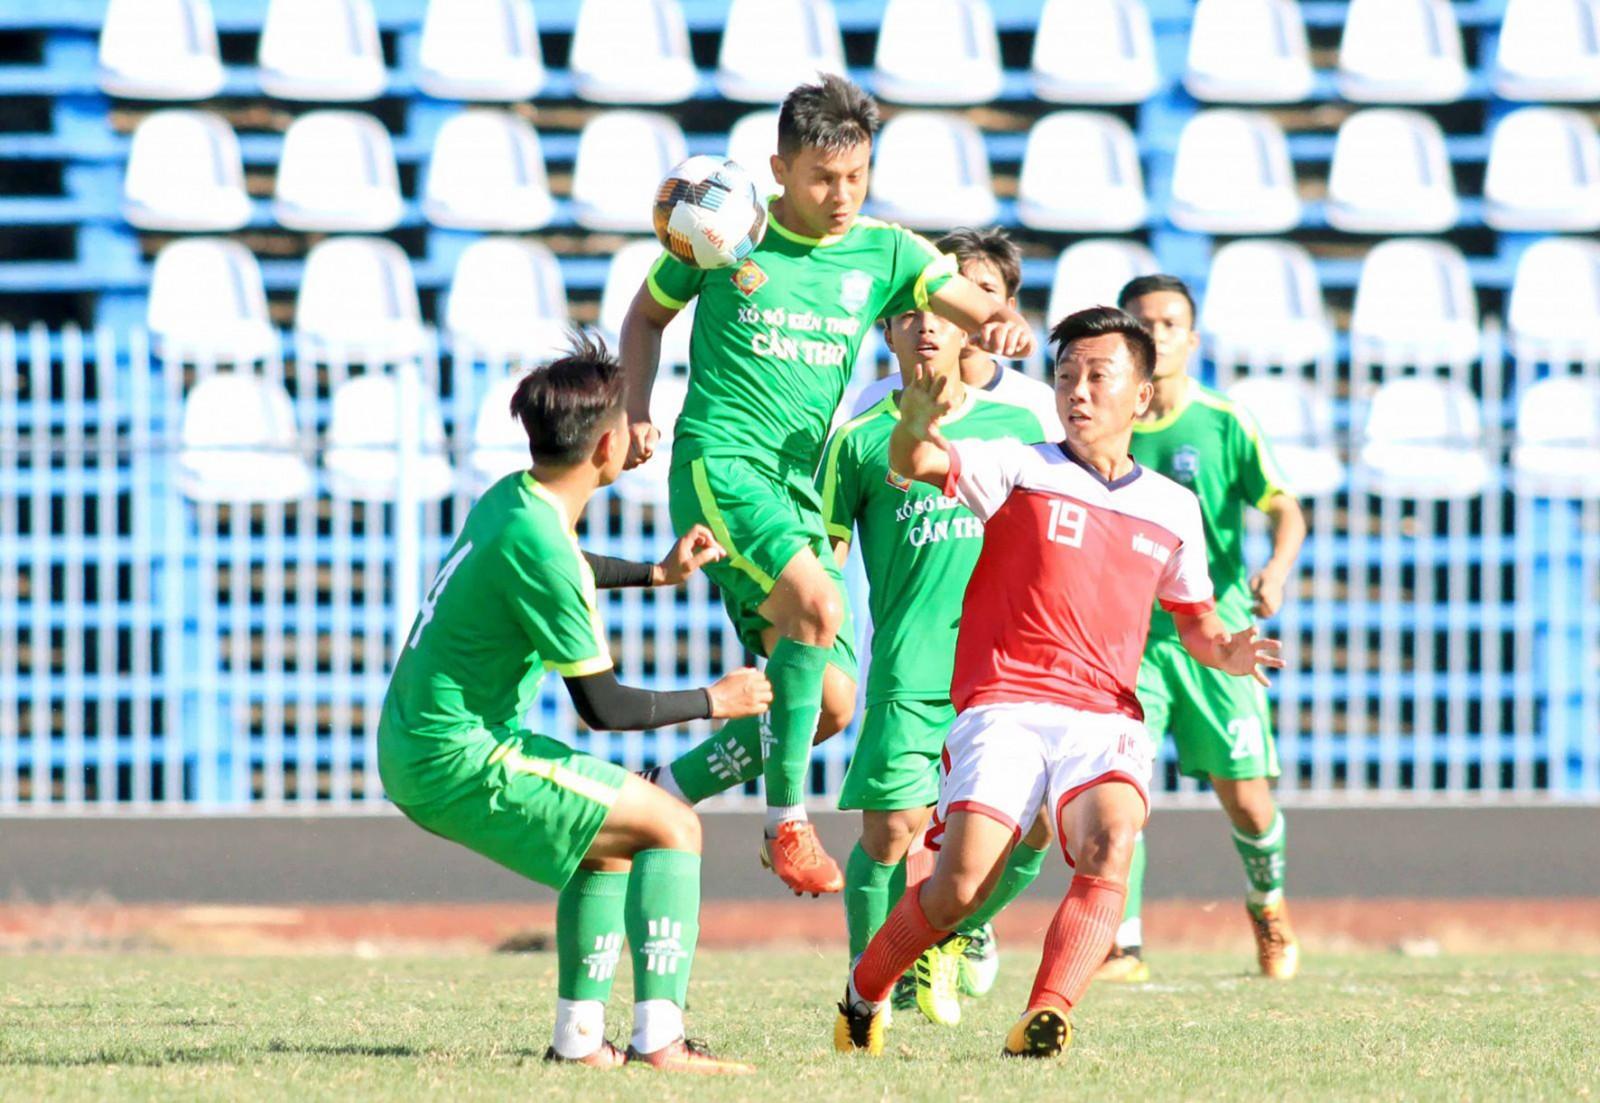 Buổi đá tập huấn của các cầu thủ Cần Thơ (trái) với Vĩnh Long chuẩn bị cho mùa giải hạng Nhất 2019. Ảnh: DƯƠNG THU